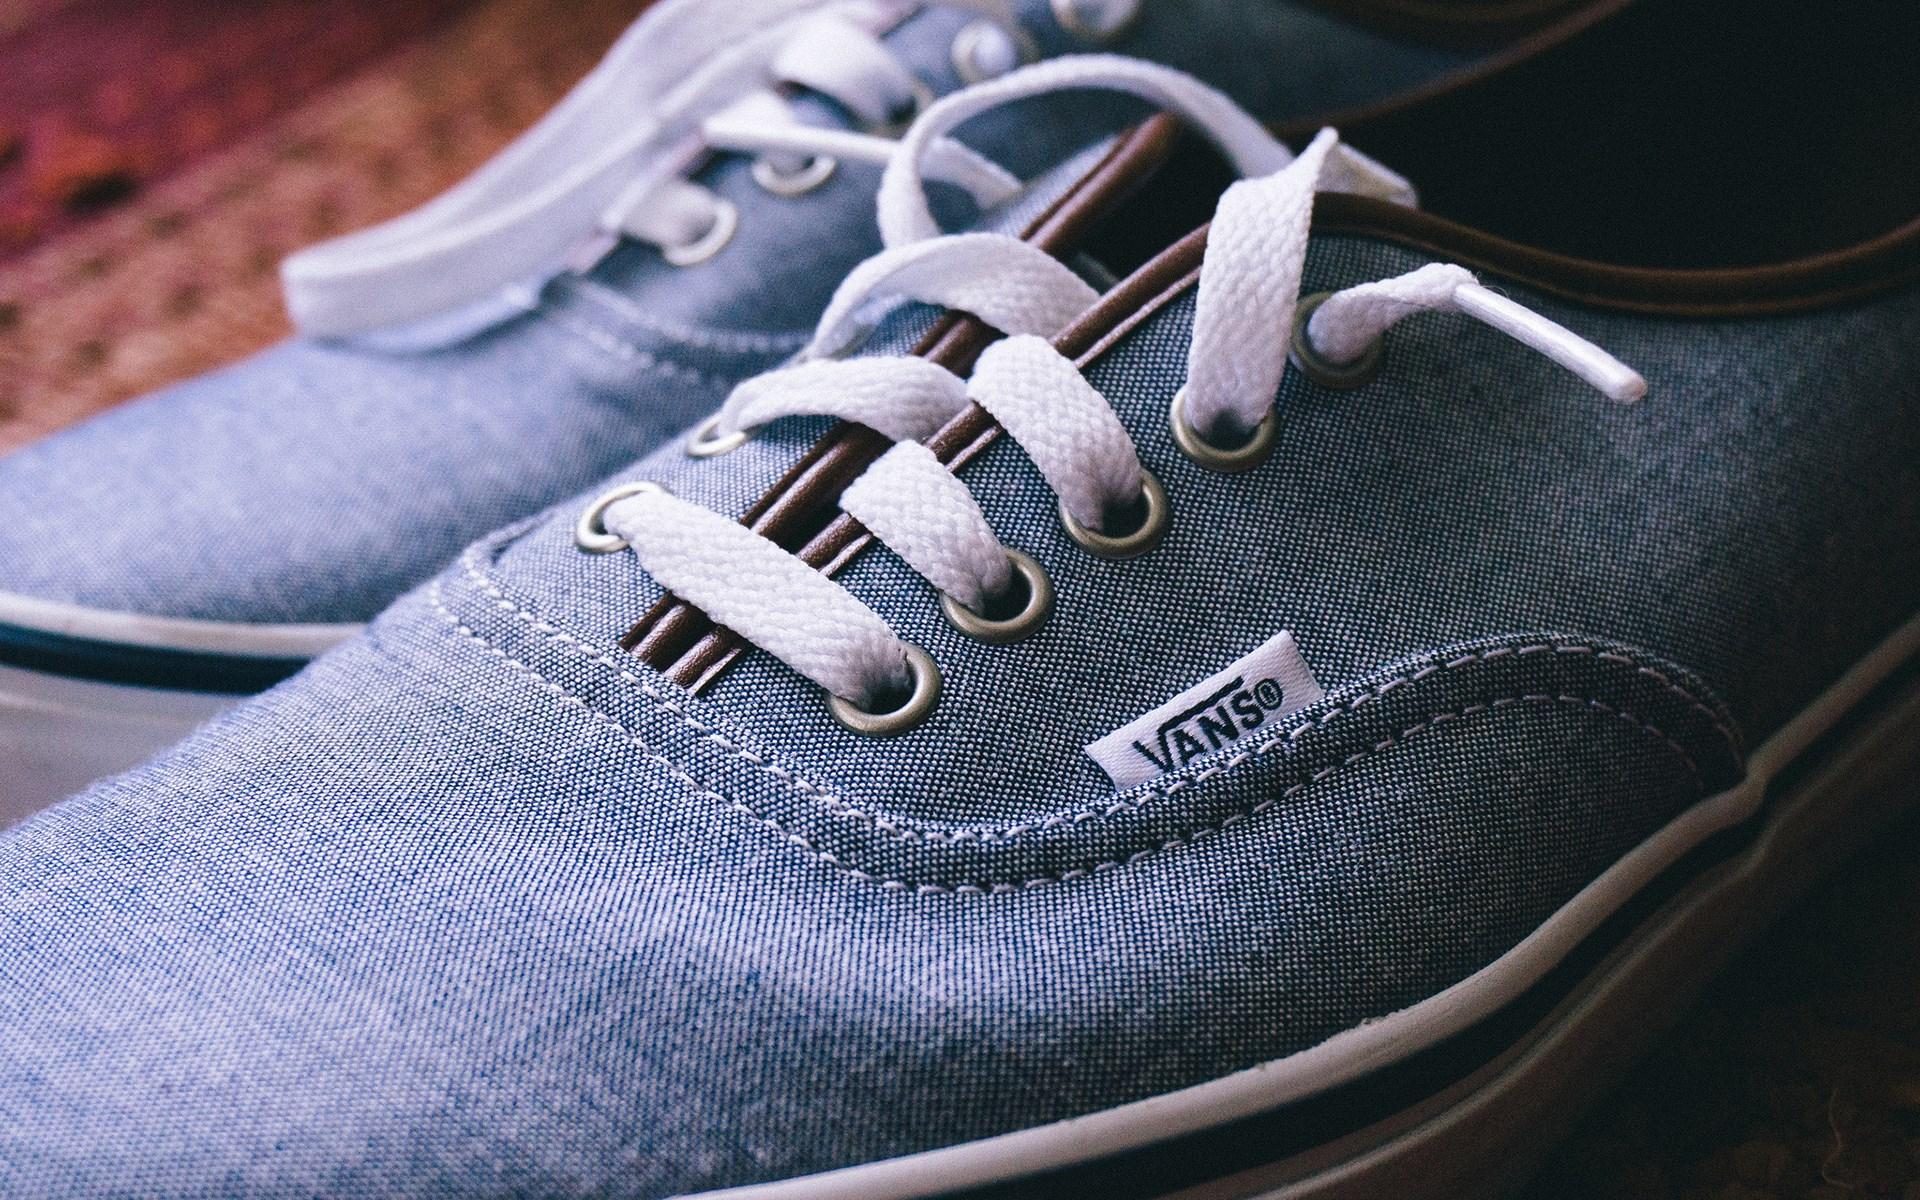 vans shoes hd wallpaper 51881